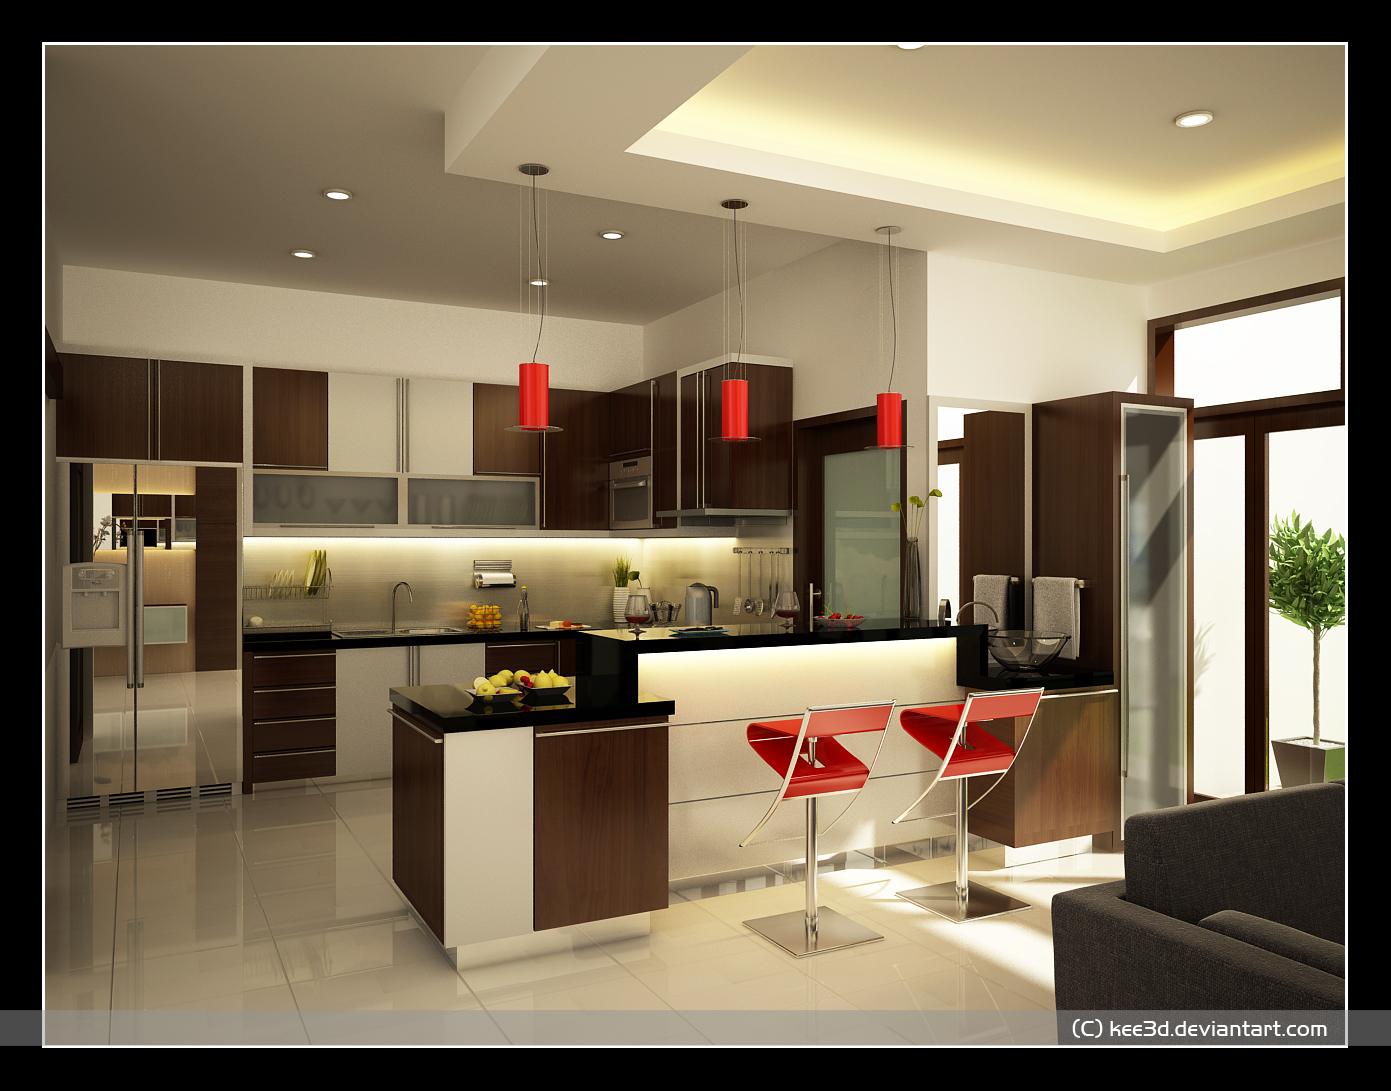 kitchen design ideas set 2 kitchen designers by Octo Brilian